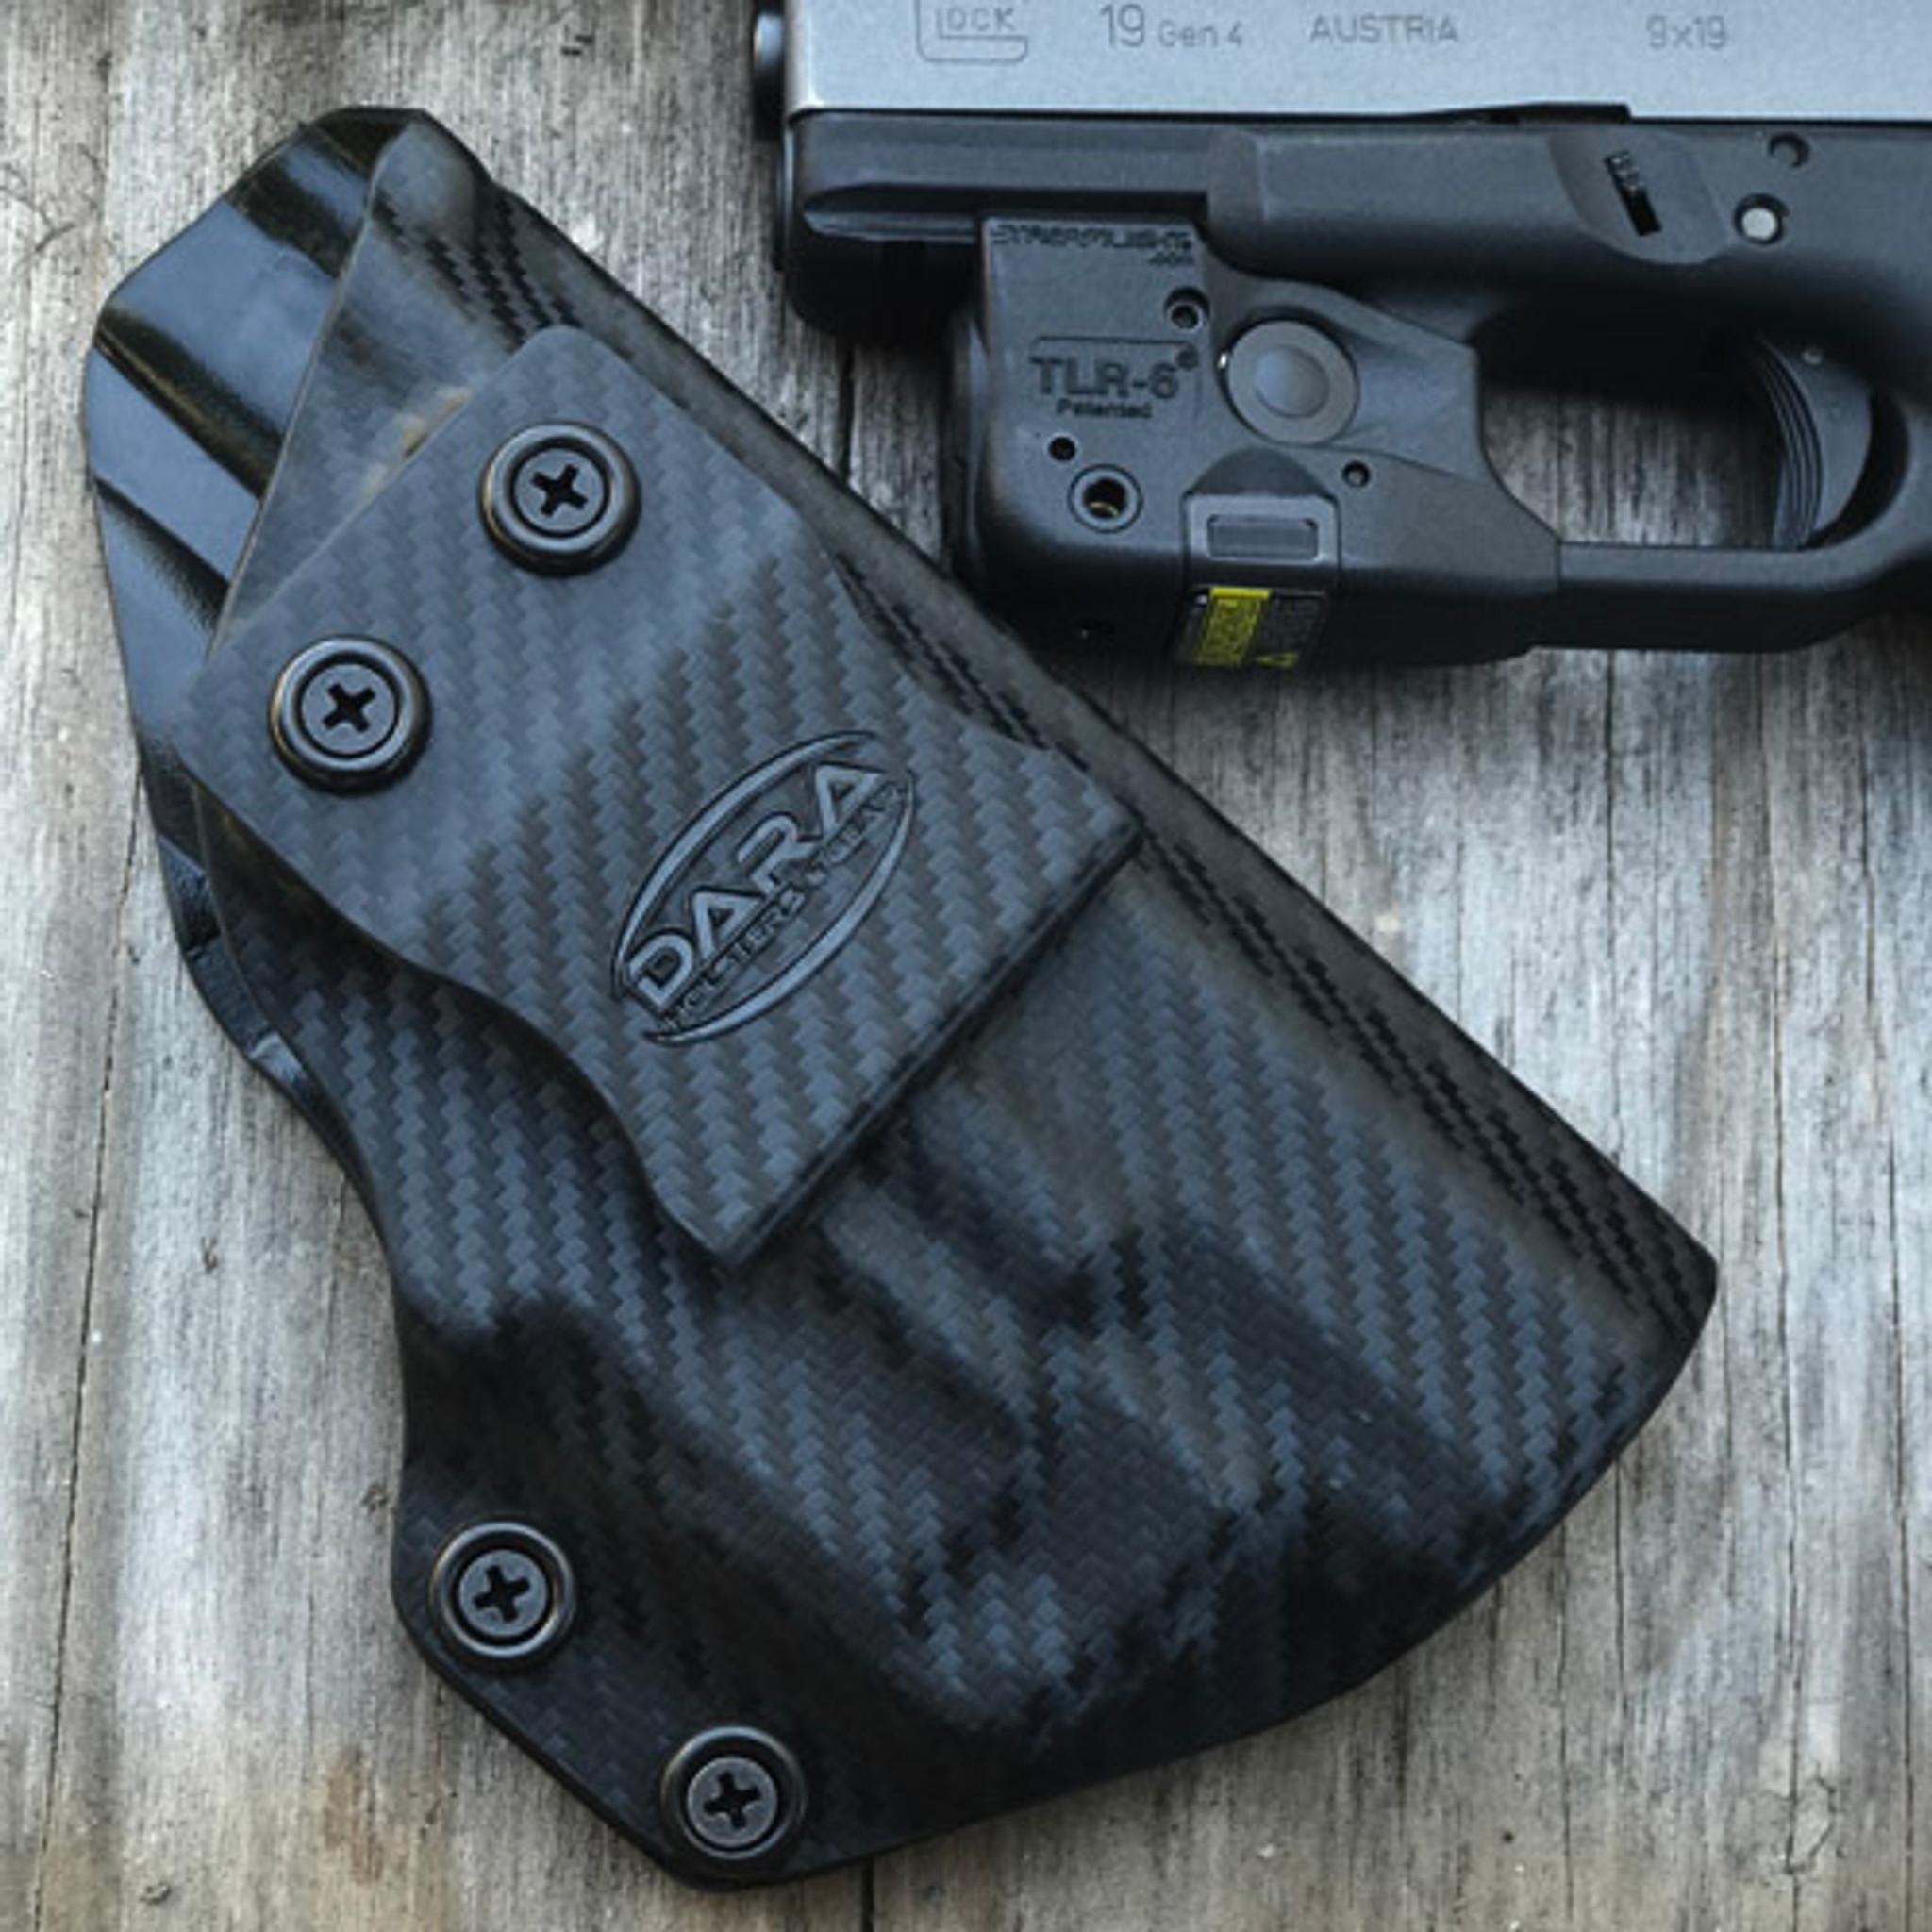 Glock 19 Streamlight TLR-6 IWB Holster